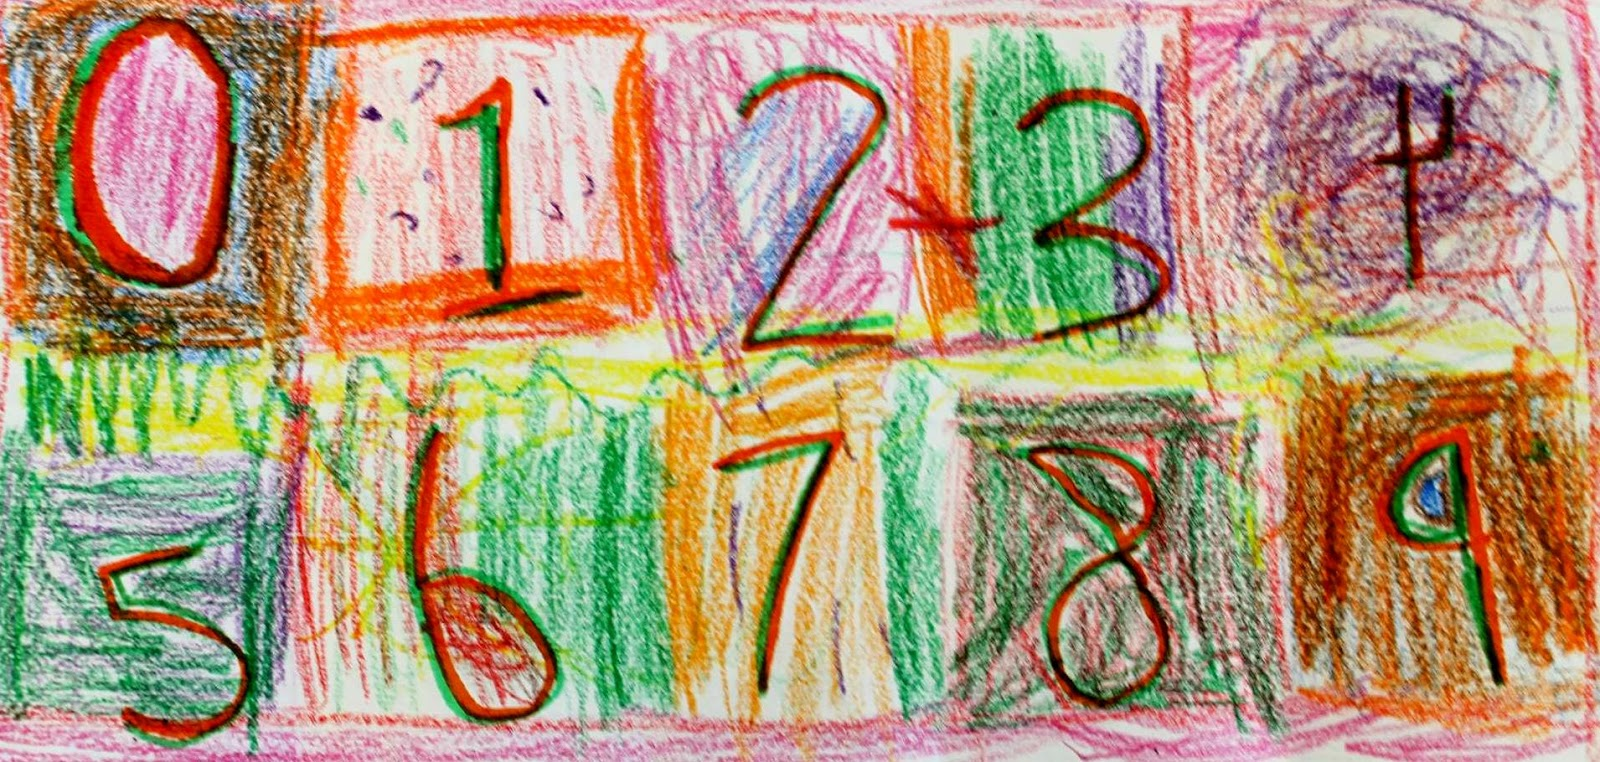 Art Room 104: Jasper Johns & Random Acts of Kindness